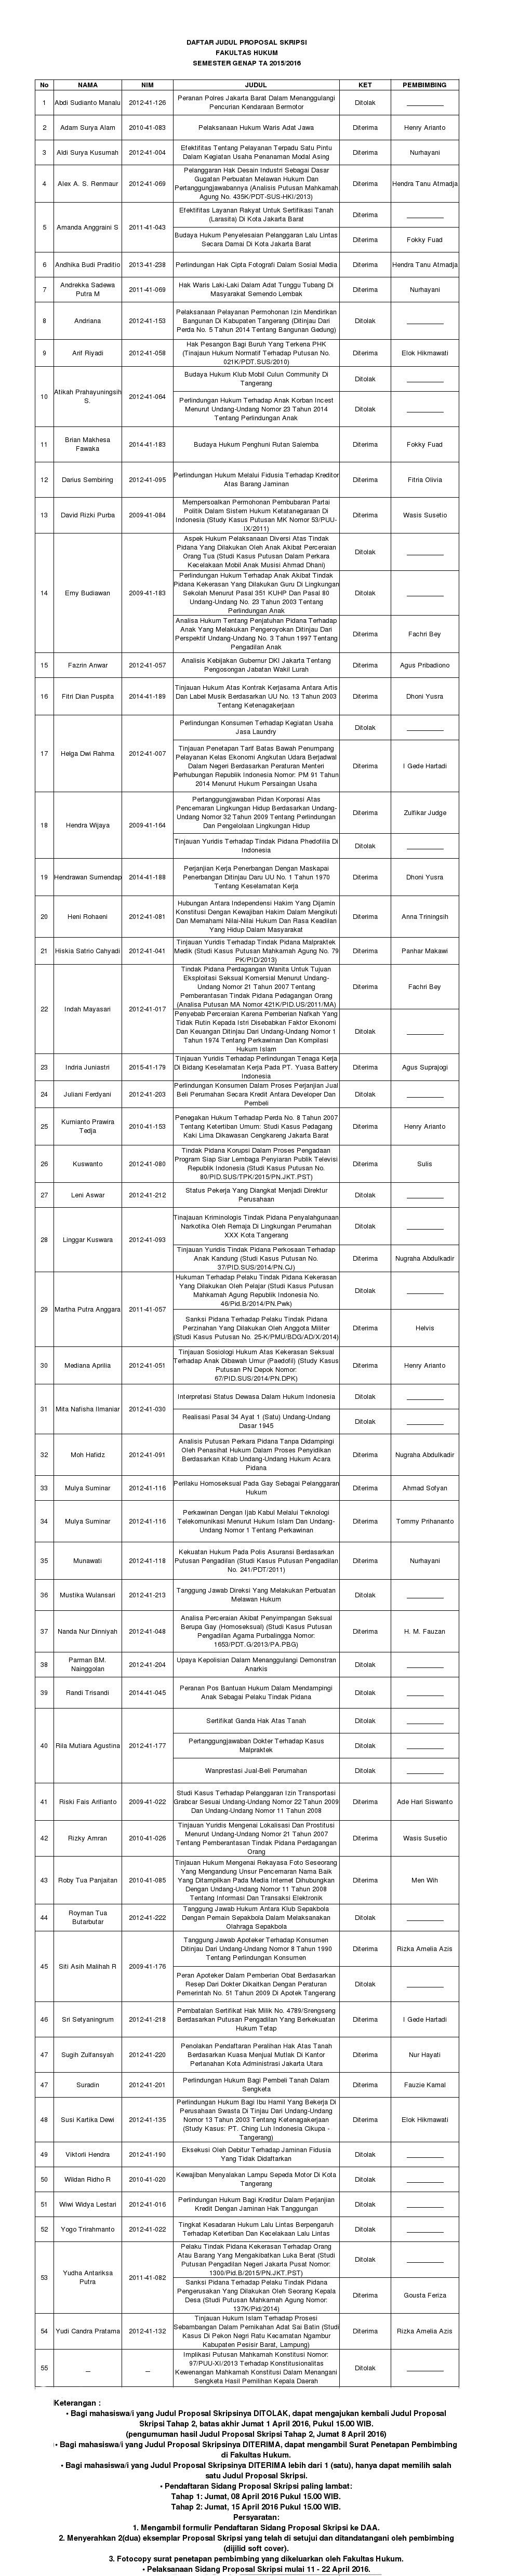 Daftar Judul Proposal Skripsi Fakultas Hukum Semester Genap TA 2015/2016